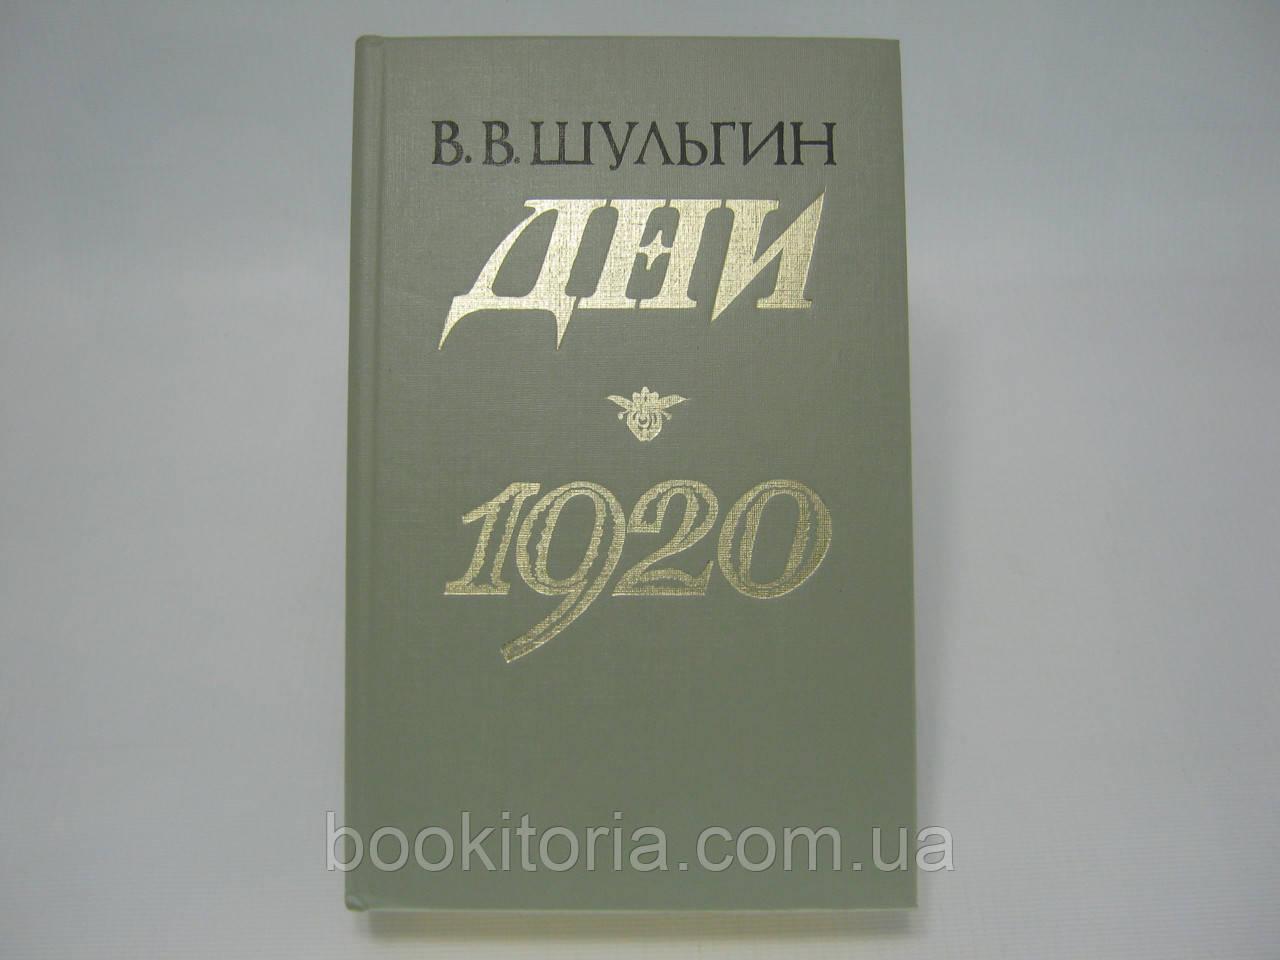 Шульгин В.В. Дни. 1920 (б/у).